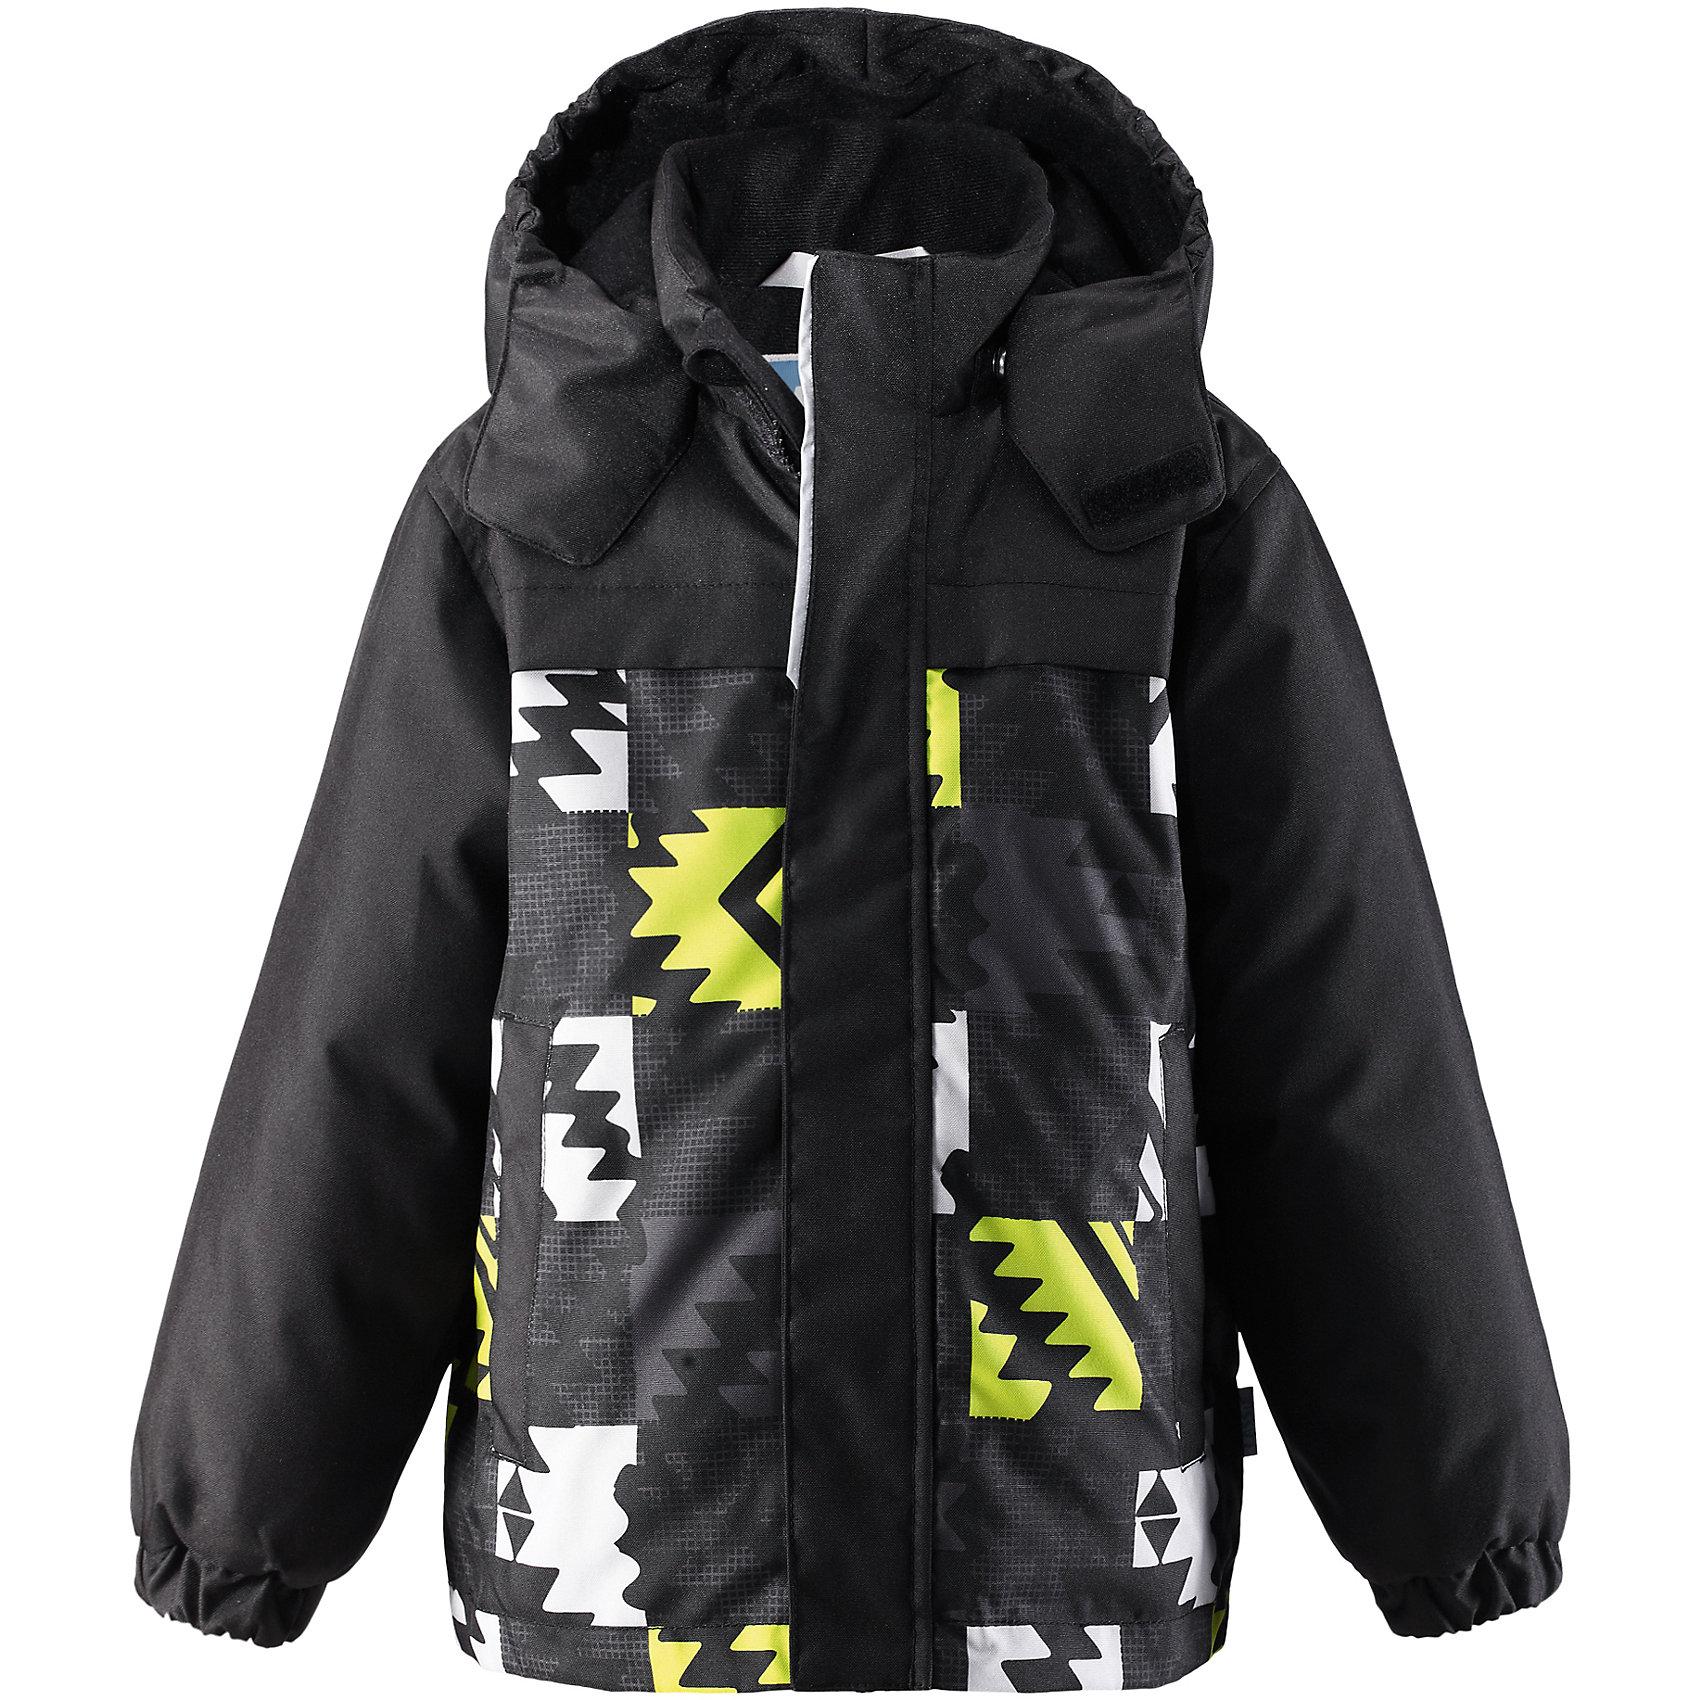 Куртка для мальчика LASSIEОдежда<br>Зимняя куртка для детей звестной финской марки.<br><br>- Прочный материал. Водоотталкивающий, ветронепроницаемый, «дышащий» и грязеотталкивающий материал.<br>- Гладкая подкладка из полиэстра. <br>- Средняя степень утепления<br>- Безопасный, съемный капюшон. <br>- Эластичные манжеты. <br>- Регулируемый подол. <br>- Два прорезных кармана.<br>-  Принт по всей поверхности.  <br><br>Рекомендации по уходу: Стирать по отдельности, вывернув наизнанку. Застегнуть молнии и липучки. Соблюдать температуру в соответствии с руководством по уходу. Стирать моющим средством, не содержащим отбеливающие вещества. Полоскать без специального средства. Сушение в сушильном шкафу разрешено при  низкой температуре.<br><br>Состав: 100% Полиамид, полиуретановое покрытие, 100% Полиамид, полиуретановое покрытие.  Утеплитель «Lassie wadding» 180гр.<br><br>Ширина мм: 356<br>Глубина мм: 10<br>Высота мм: 245<br>Вес г: 519<br>Цвет: черный<br>Возраст от месяцев: 18<br>Возраст до месяцев: 24<br>Пол: Мужской<br>Возраст: Детский<br>Размер: 92,98,104,110,116,122,128,134,140<br>SKU: 4782408